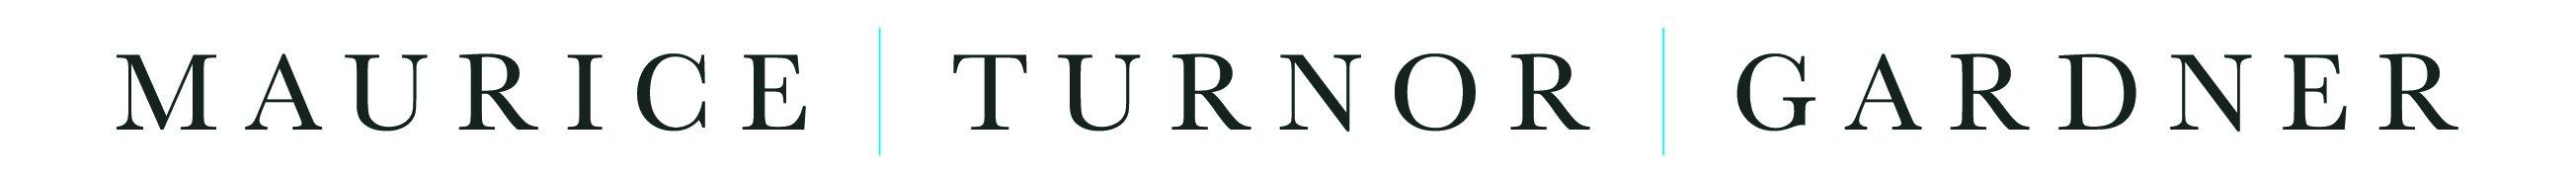 Maurice Turnor Gardner Final logo_CMYK.JPG